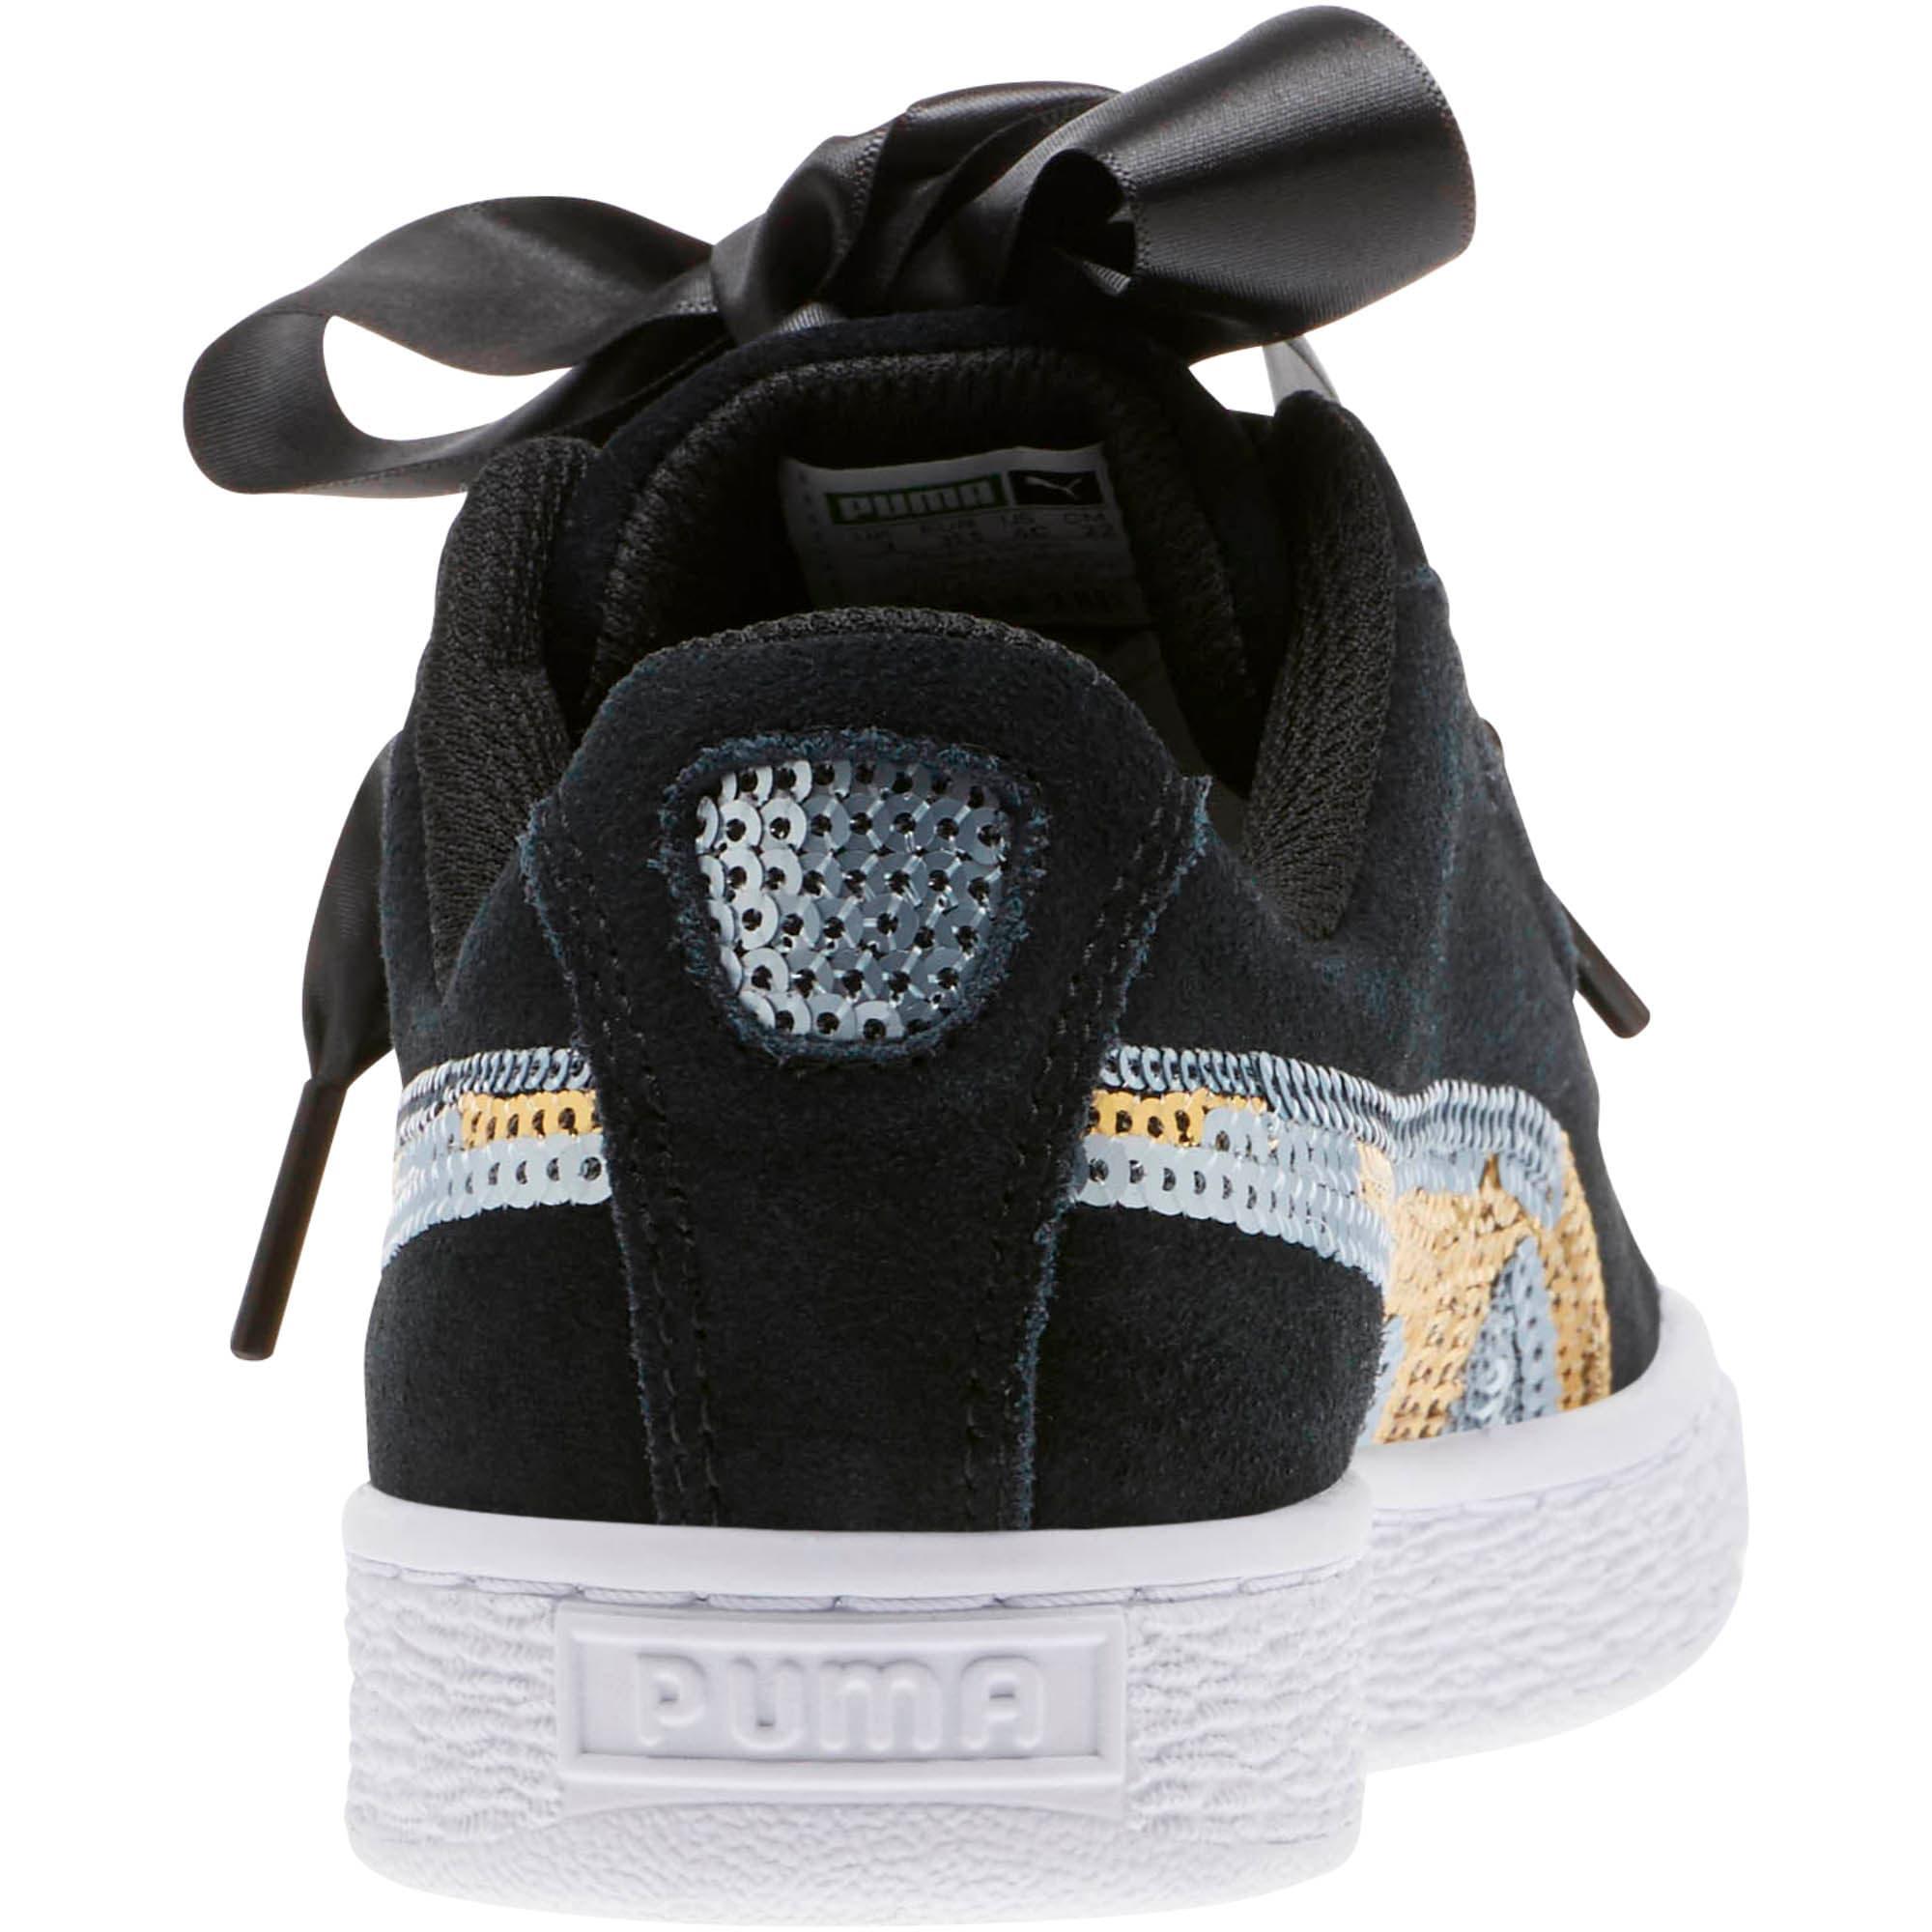 Miniatura 4 de Zapatos deportivos con lentejuelasSuede Heart Trailblazer JR, Puma Black-Puma Team Gold, mediano